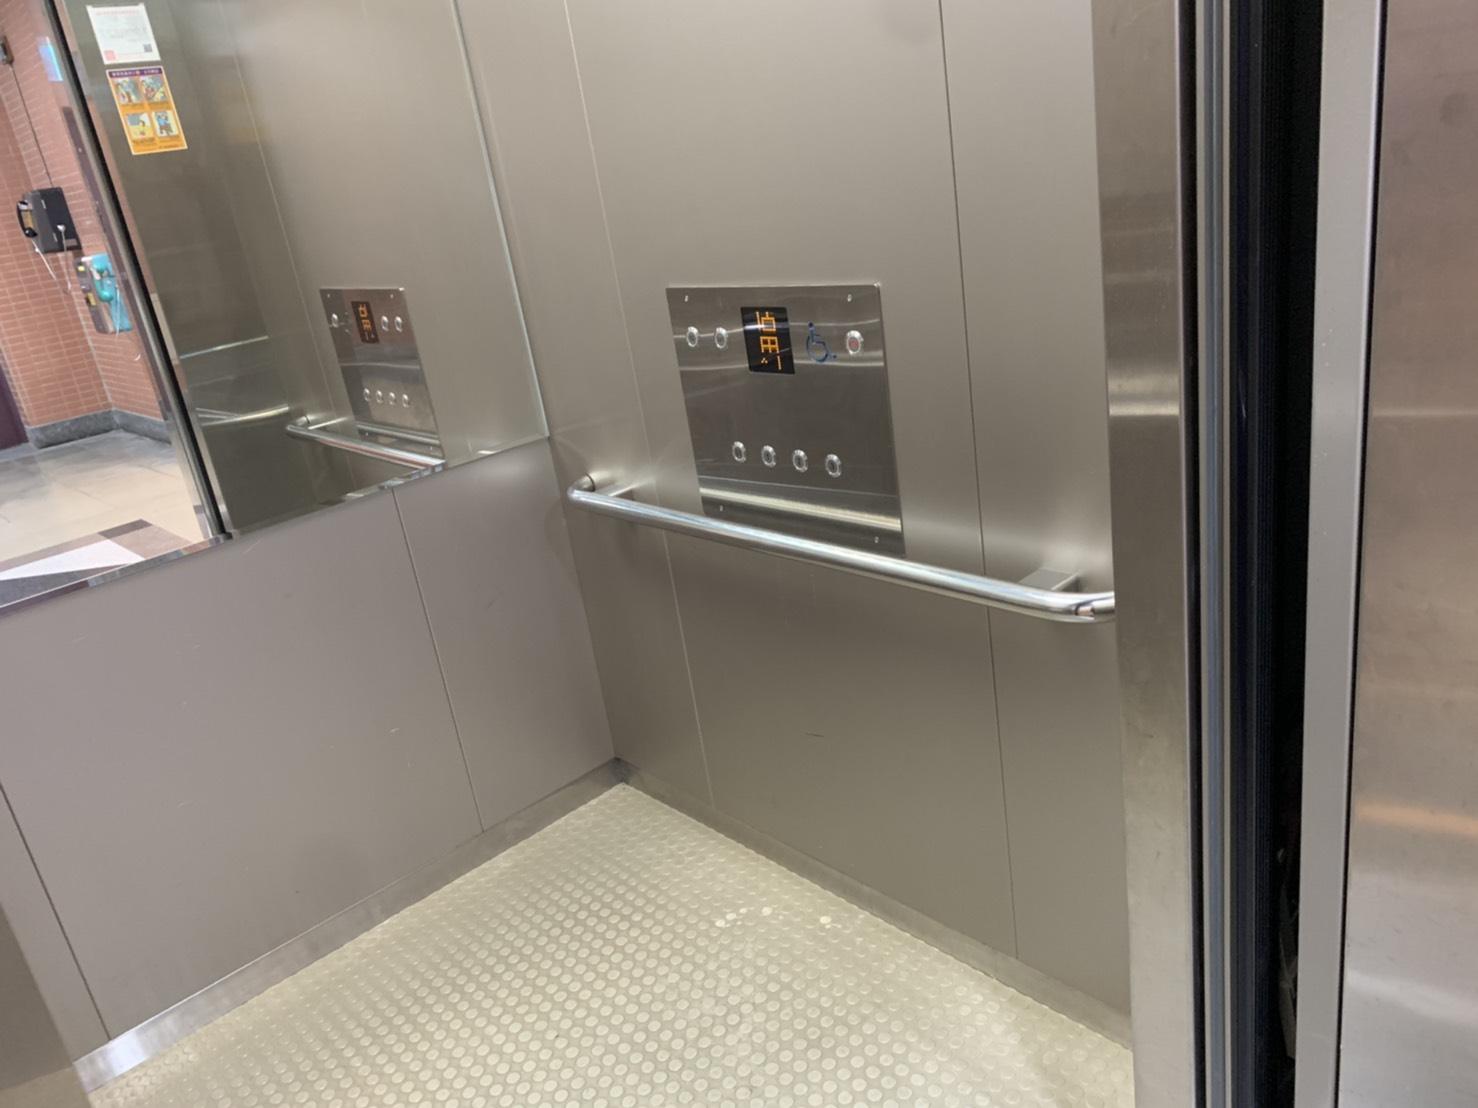 電梯無障礙扶手及樓層按鈕